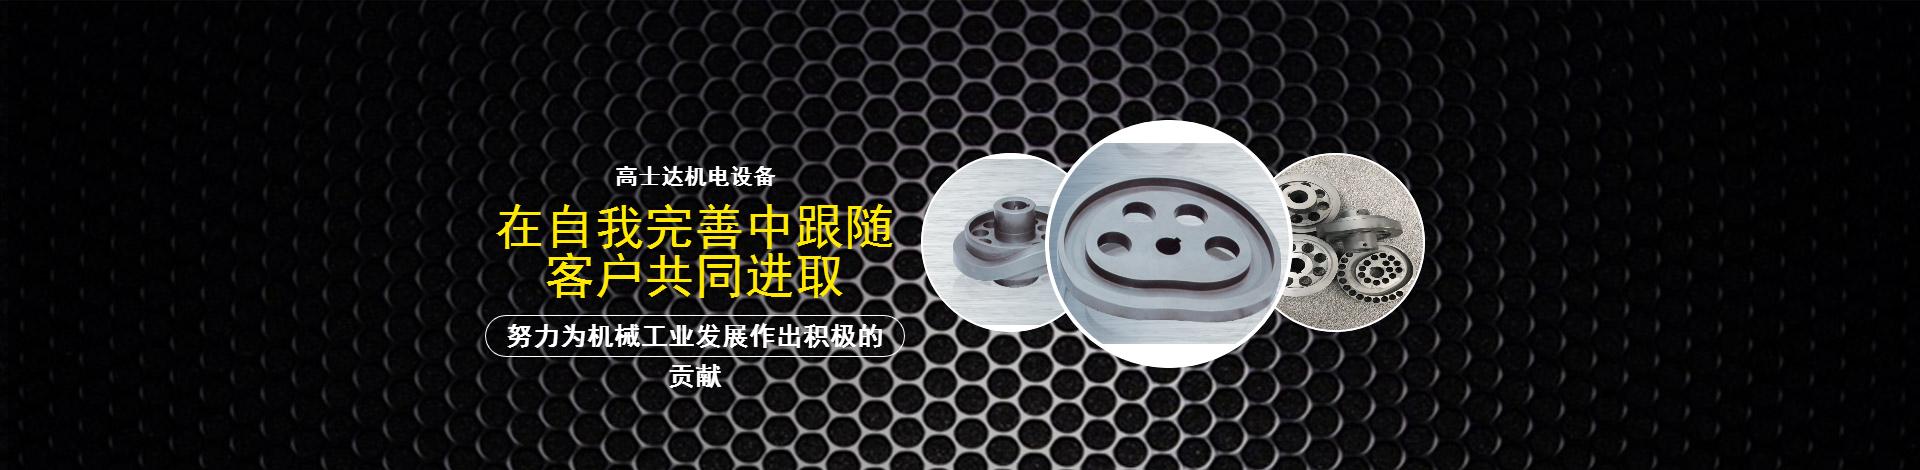 东莞市高士达机电设备有限公司